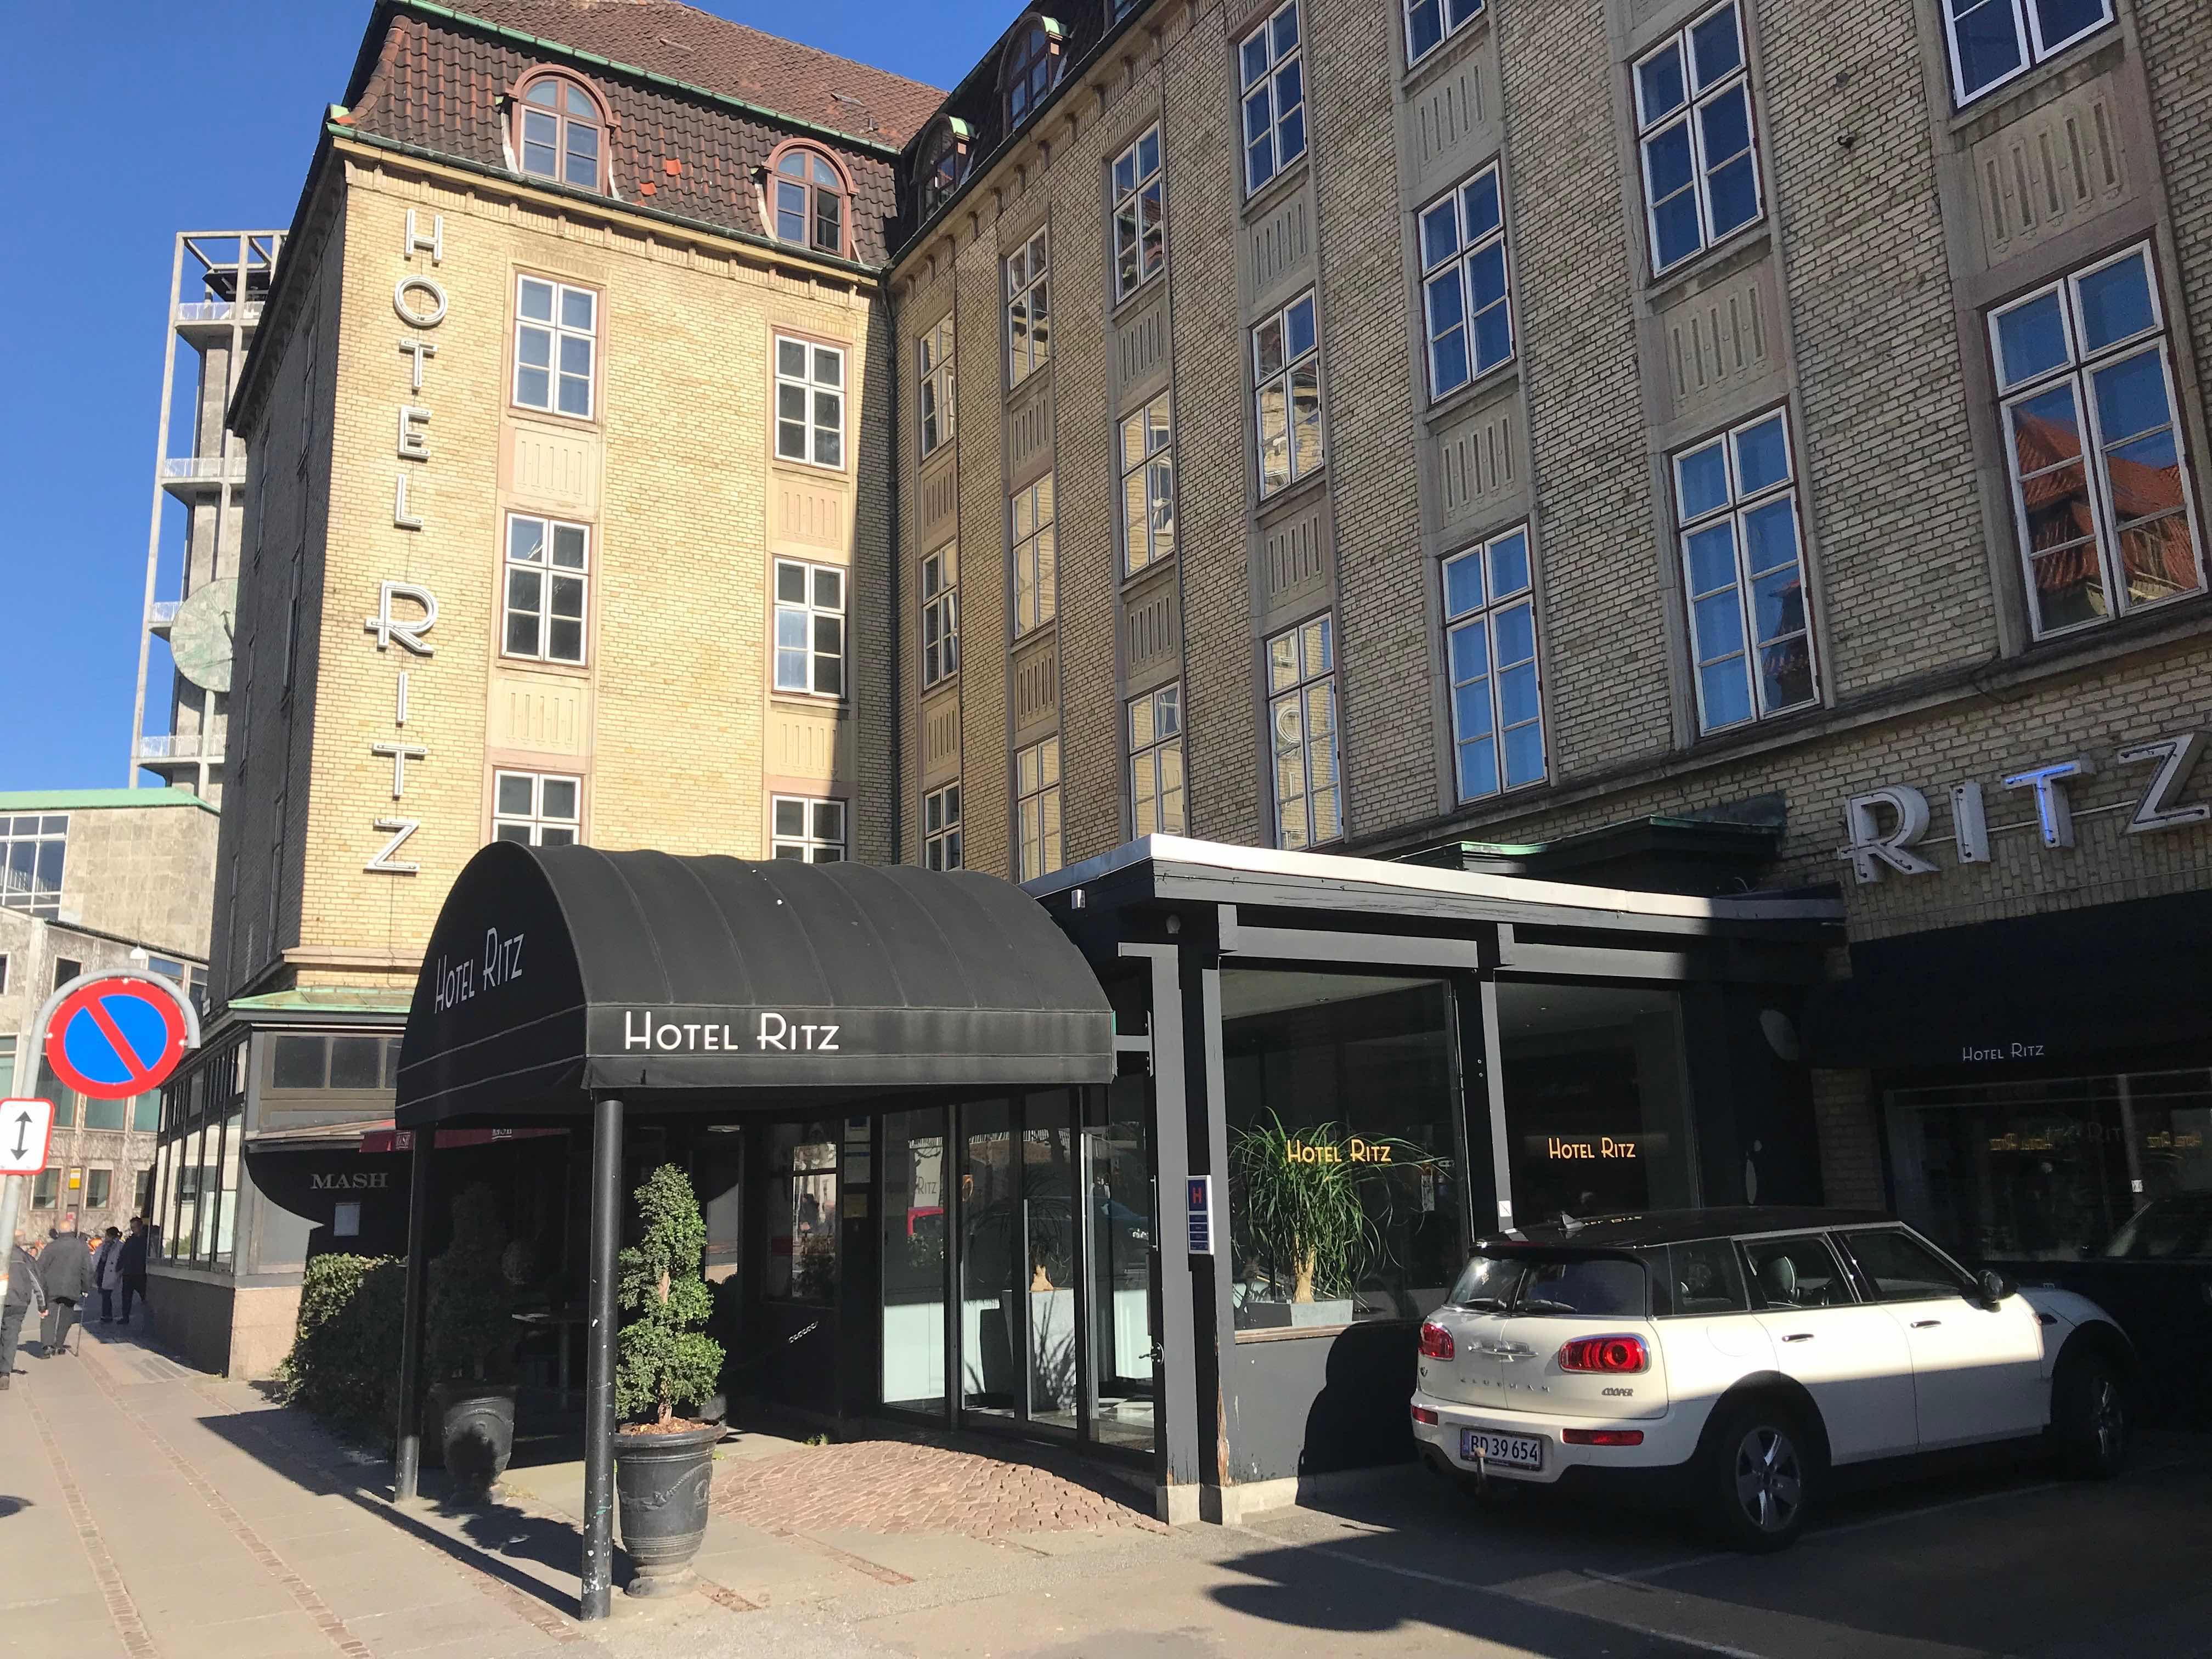 Ritz Hotel i Aarhus bliver nu en del af Milling Hotels. Pressefoto.